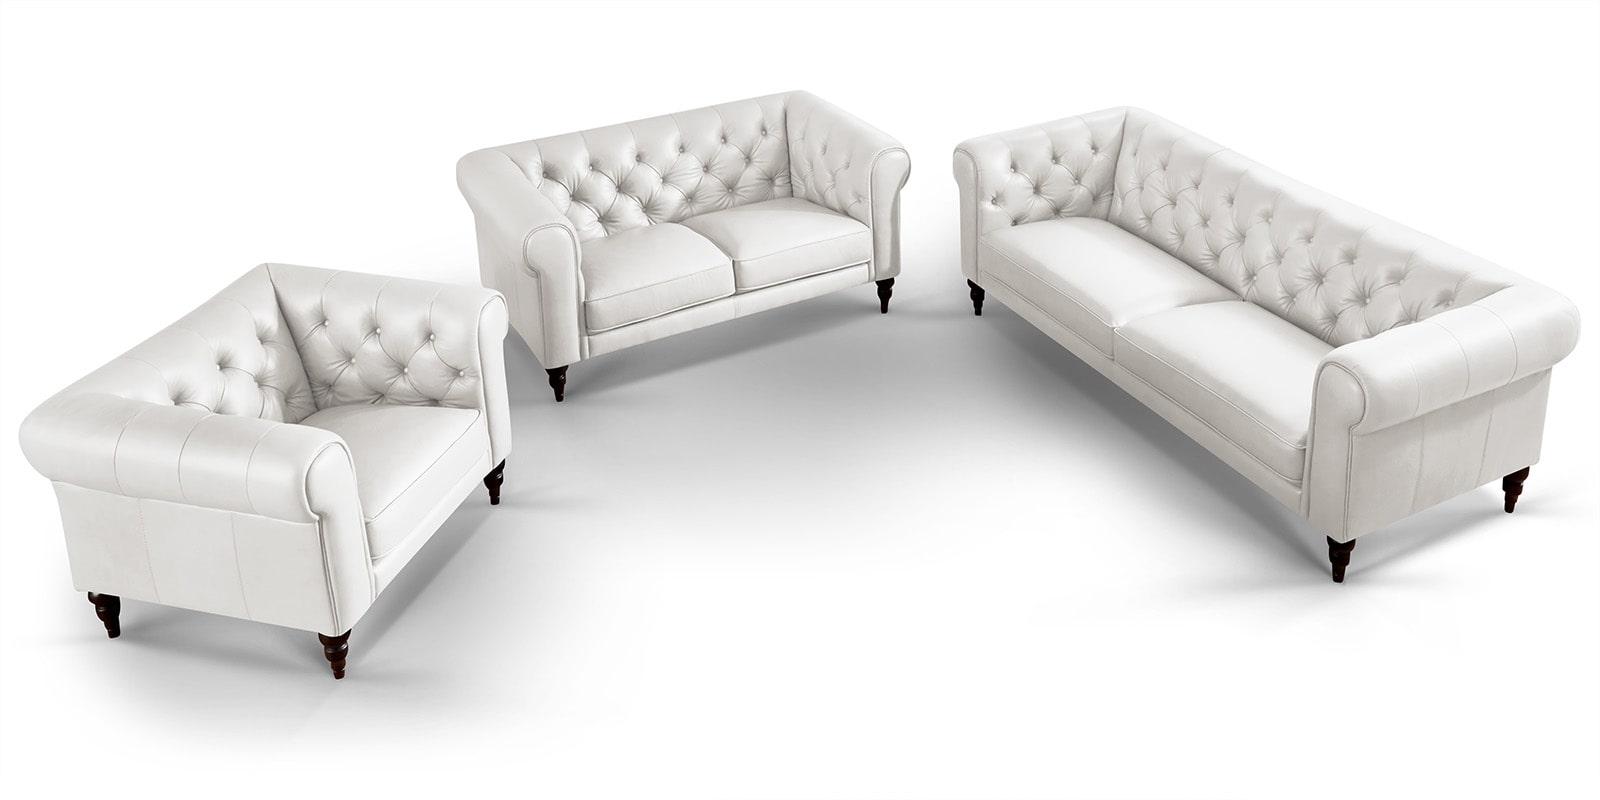 Moebella24 - 3-2-1-Sitzer - Sofa - Hudson - Chesterfield - Leder - Weiß - Dekorative - Nähte - und - Versteppungen - Detailaufname